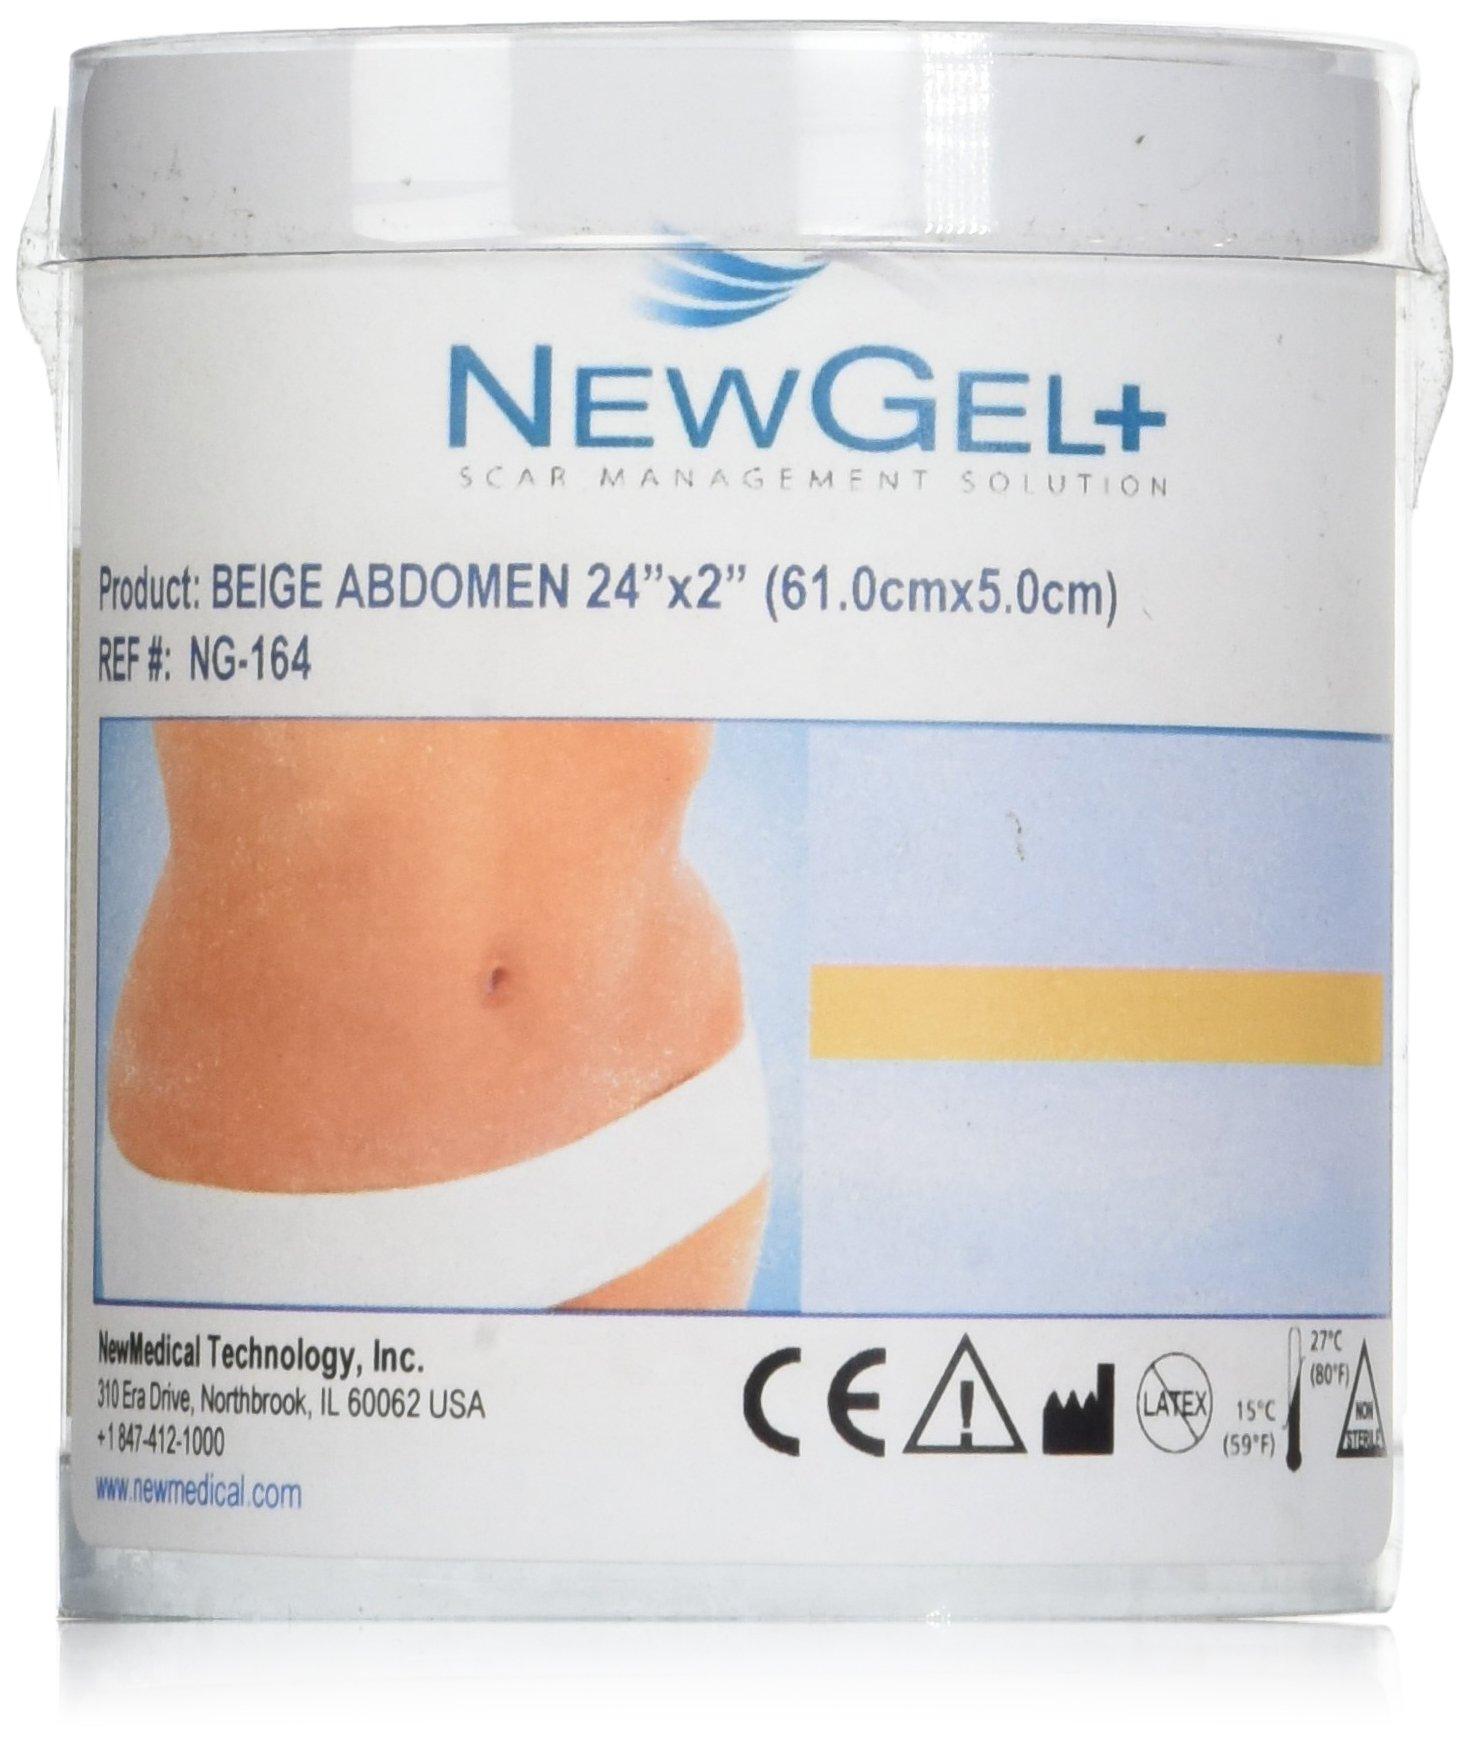 NewGel+E 18 X 2 Abdomen/Extremity Silicone Strip - BEIGE (1 Strip per box)